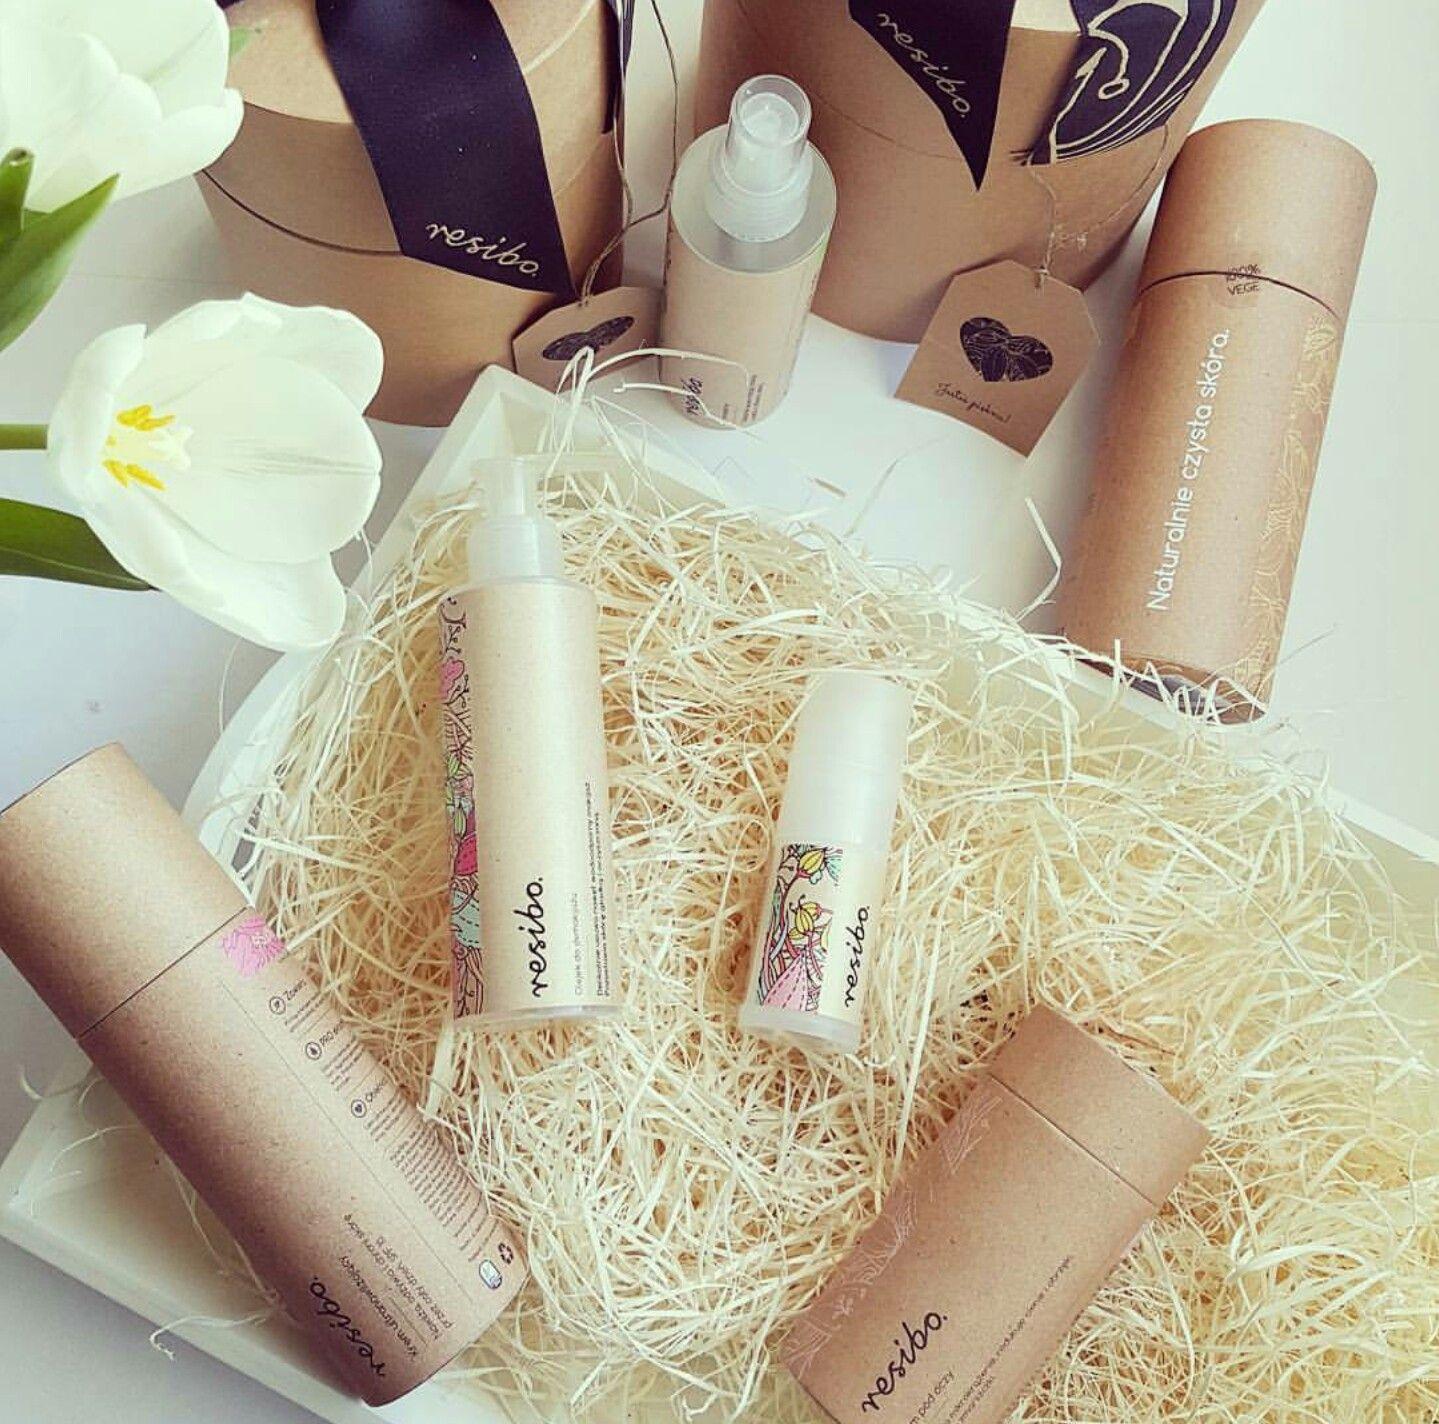 Resibo kosmetyki naturalne do pielęgnacji twarzy (With